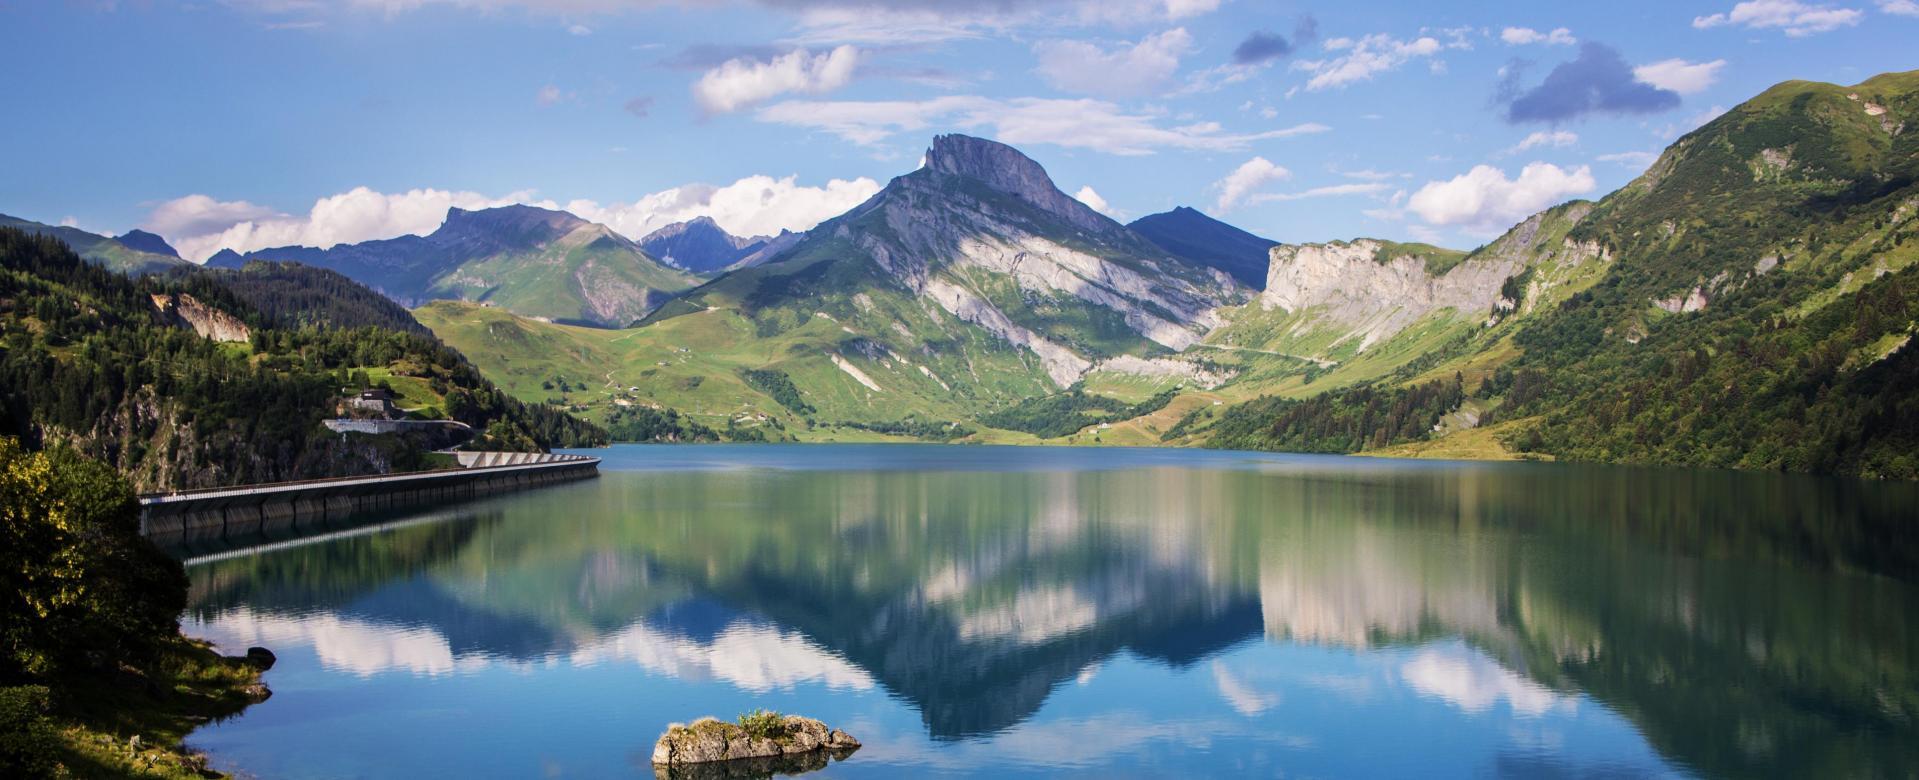 Voyage à pied : Le trail du beaufortain